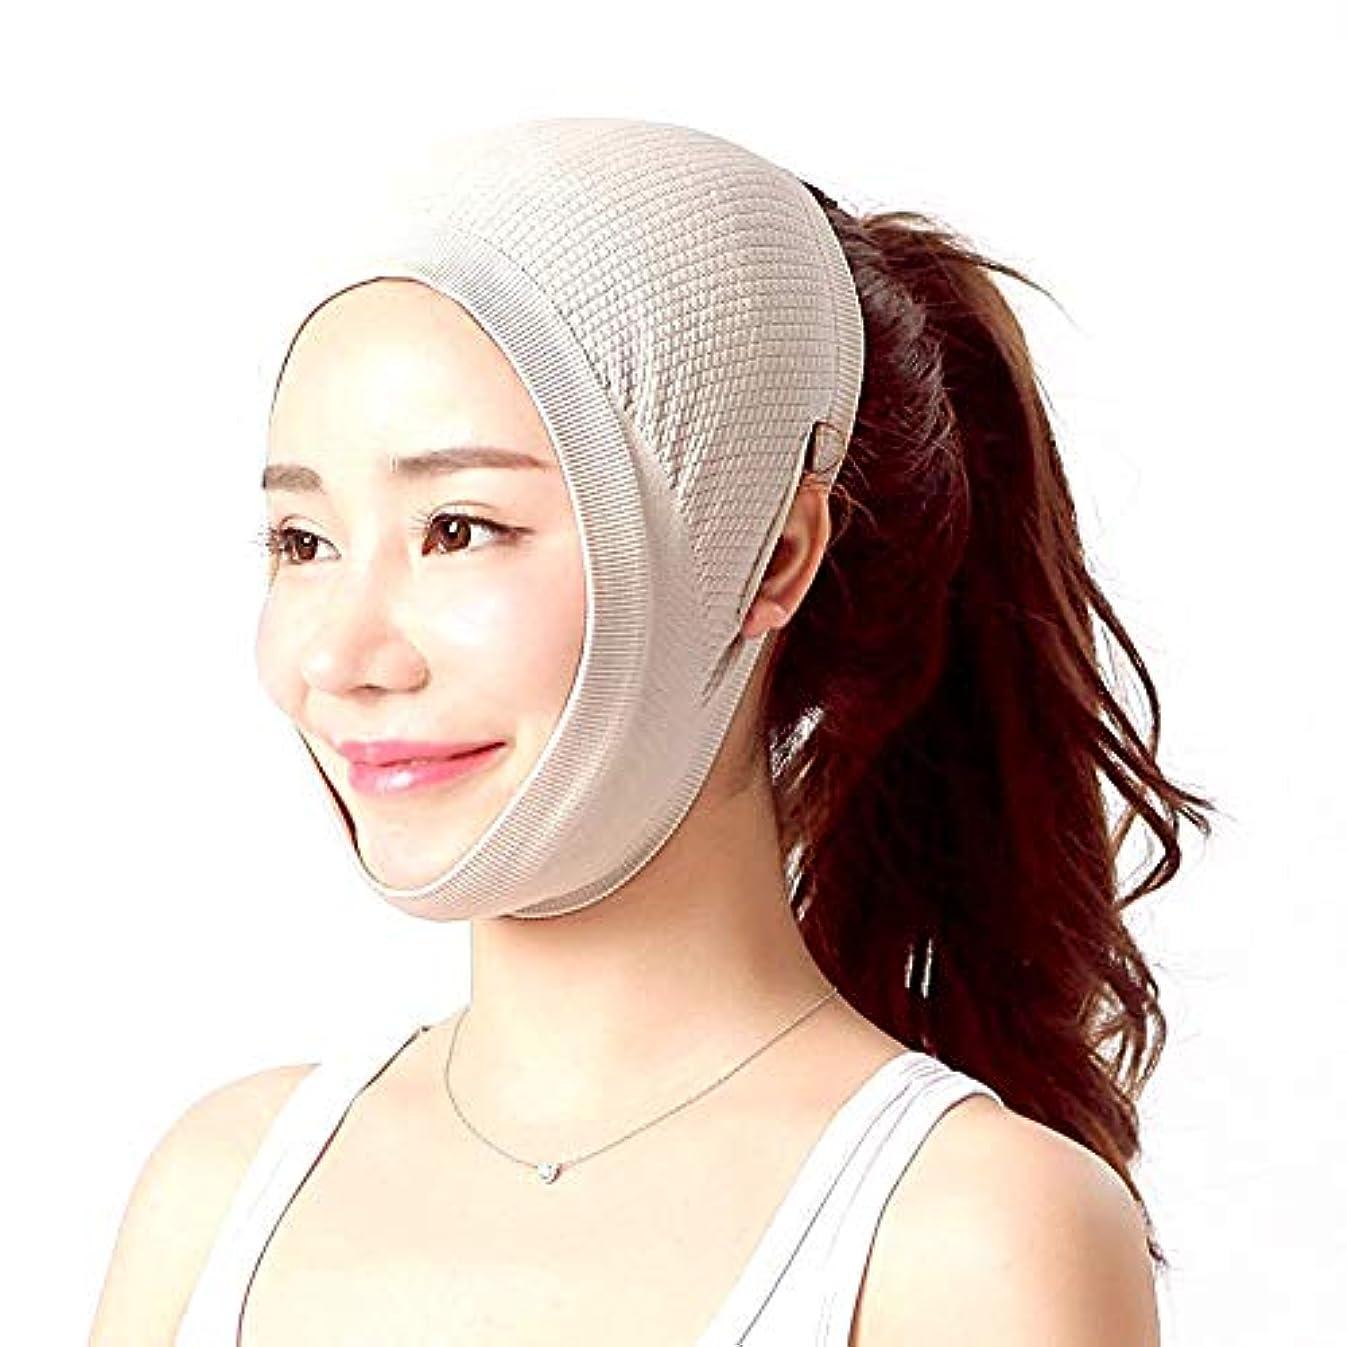 アレルギー性ローズわかるGYZ フェイスリフティングアーティファクト包帯ライン術後回復包帯リフティングフェイスフードVフェイス包帯リフティングVフェイス美容マスク - 肌のトーン Thin Face Belt